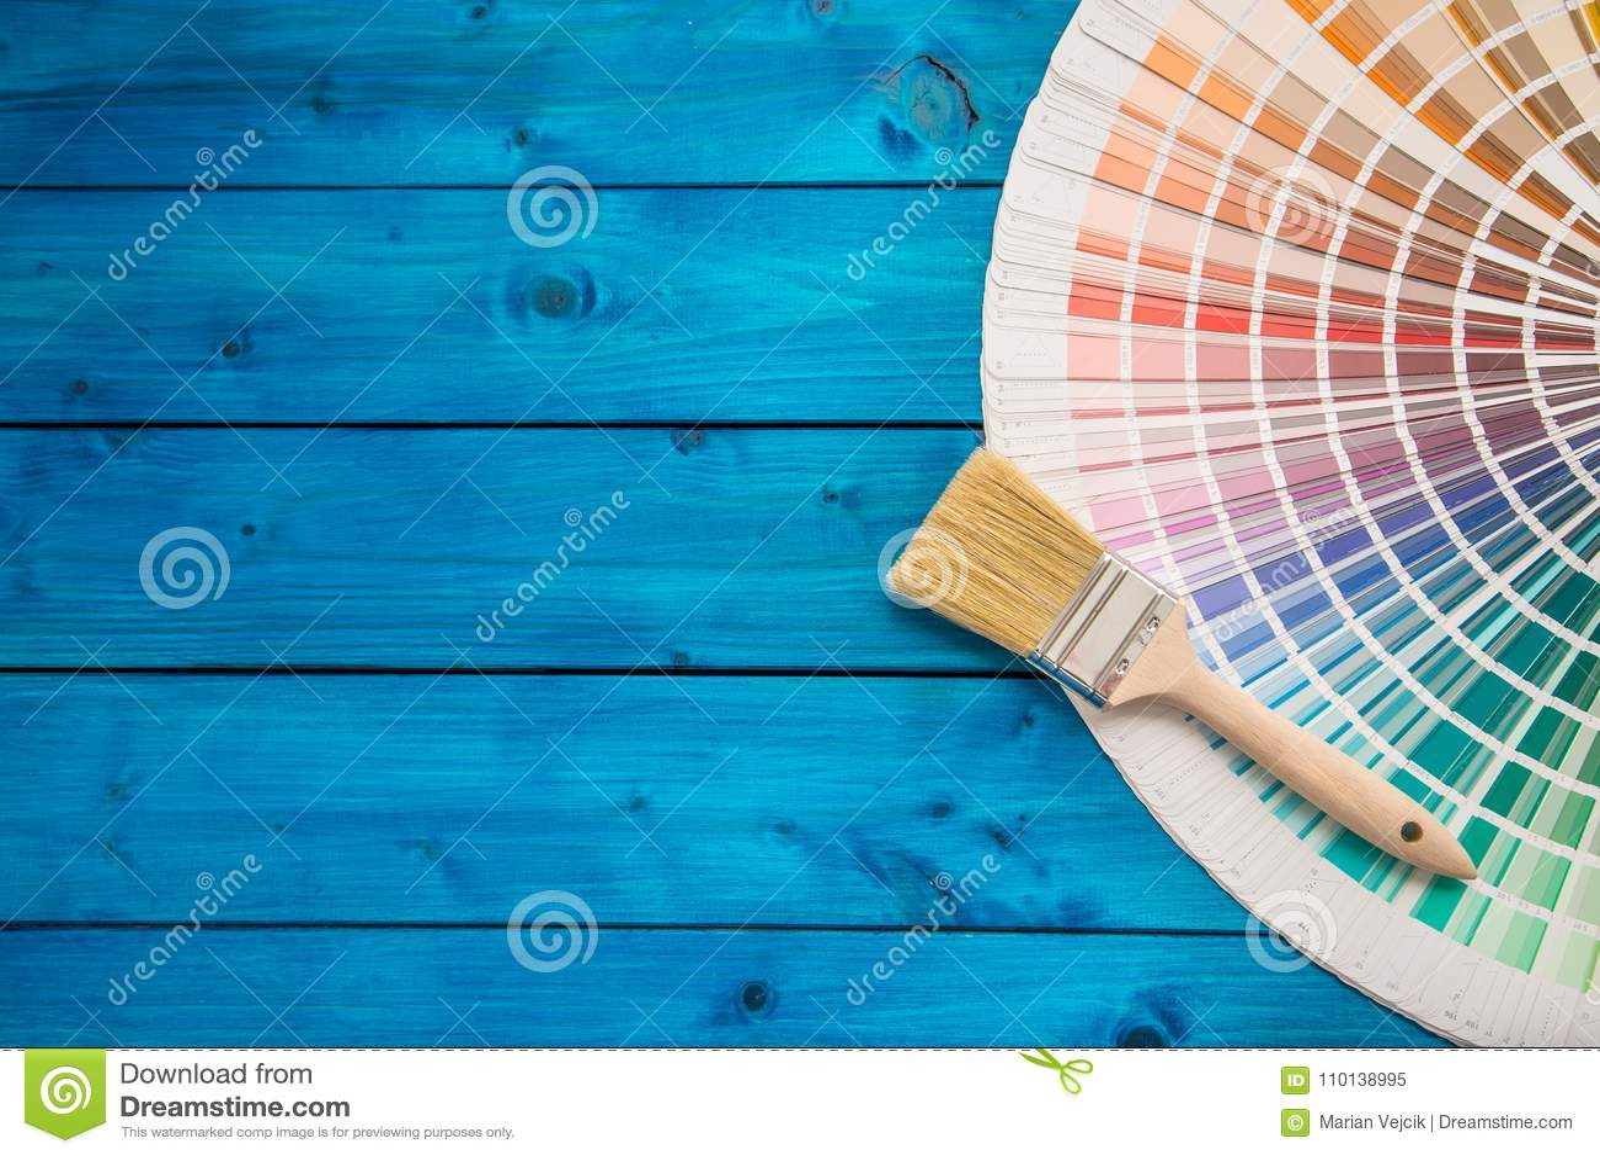 De kleurenpalet van verfblikken, blikken met borstels op blauwe lijst worden geopend die